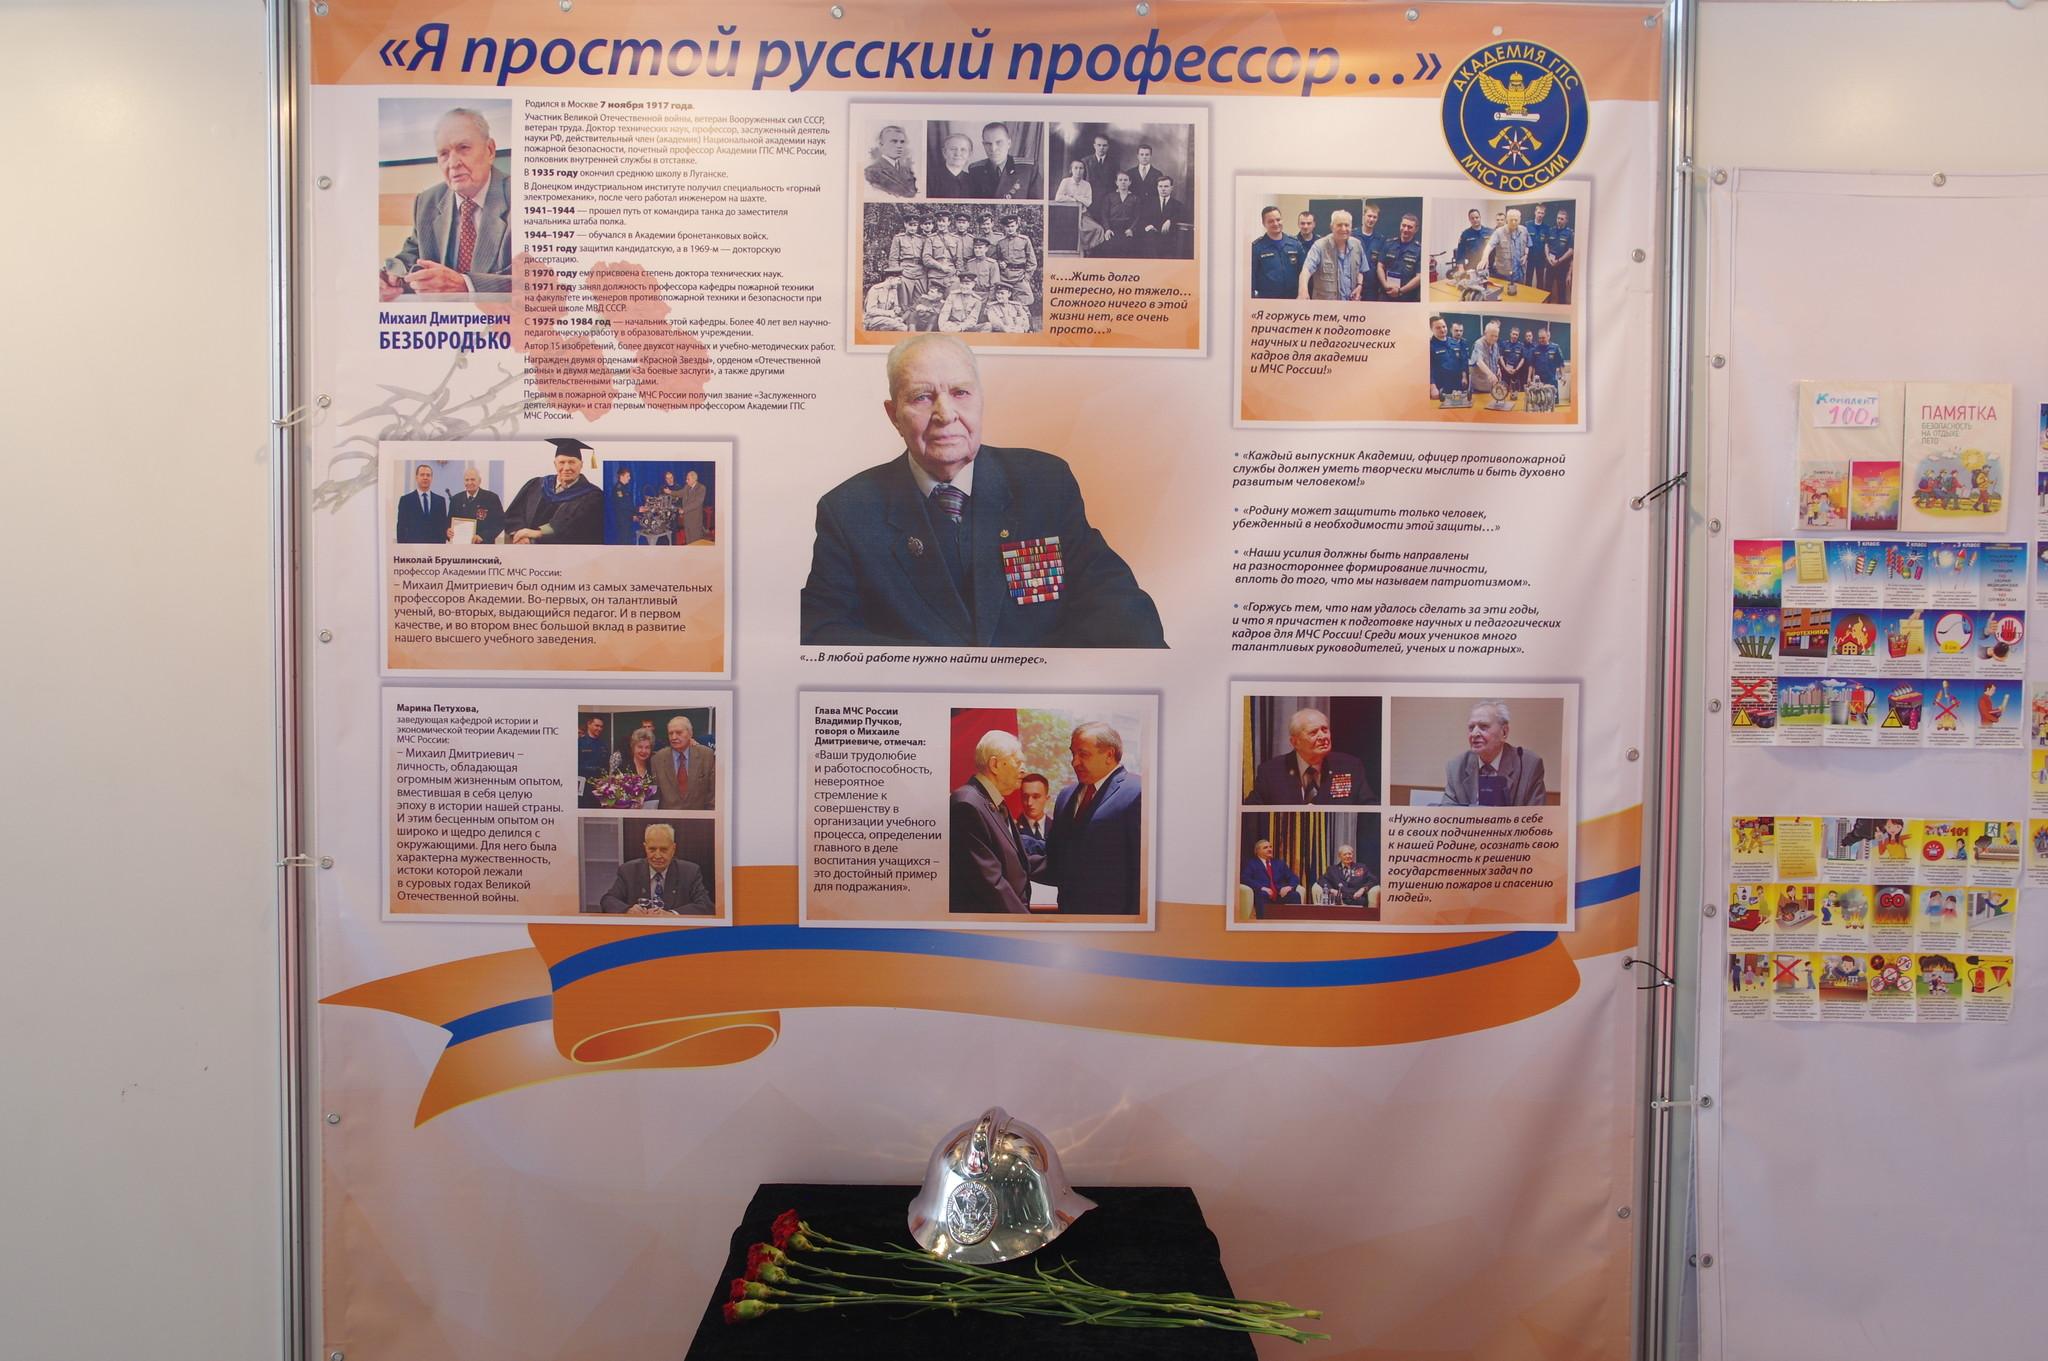 Михаил Дмитриевич Безбородько